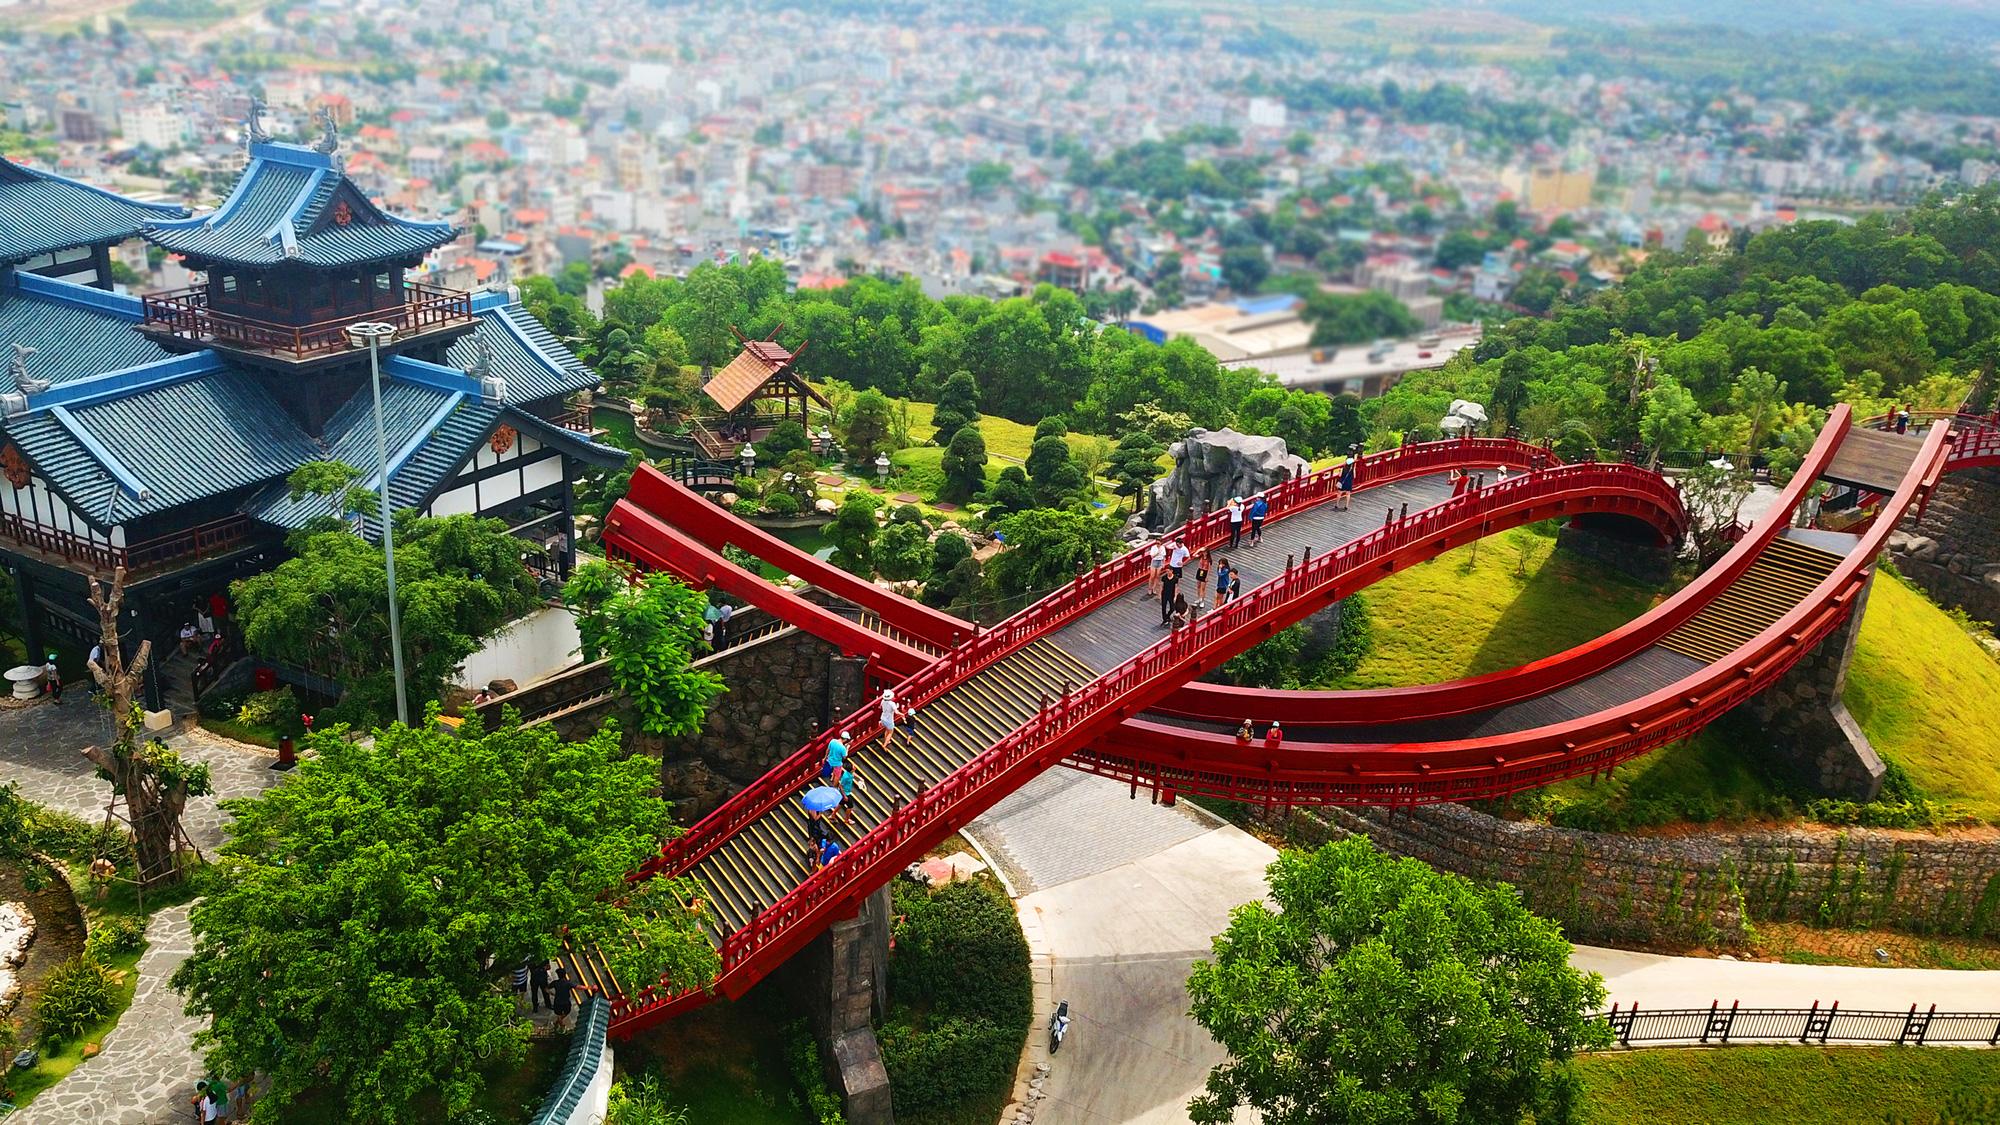 Kích cầu du lịch Quảng Ninh: Phấn đấu đón 10 triệu lượt khách trong năm 2021 - Ảnh 3.